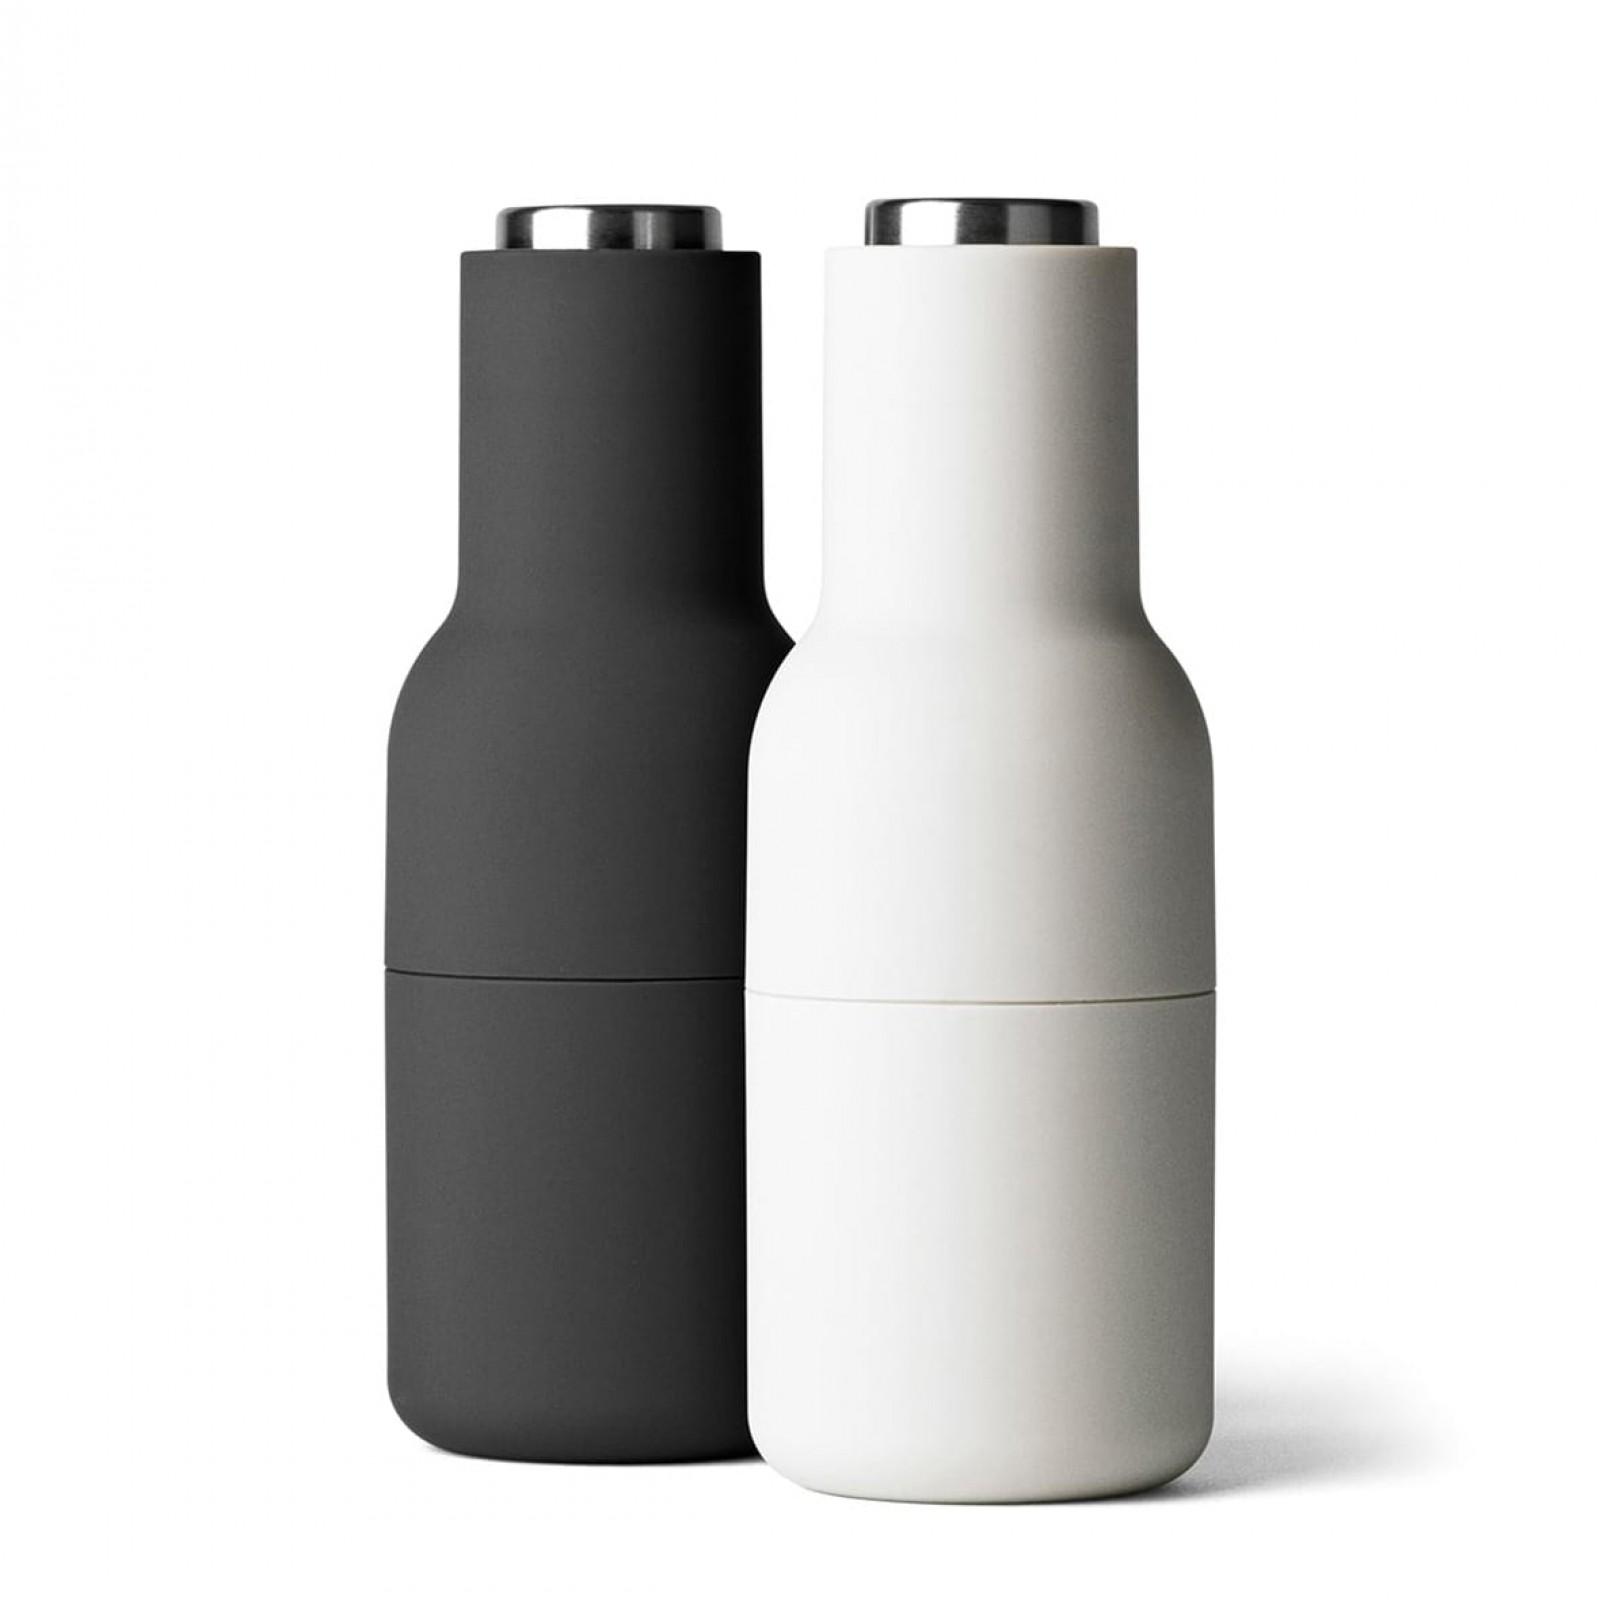 Σετ Κεραμικών Μύλων Αλατιού & Πιπεριού Bottle Grinder (Λευκό / Μαύρο / Ατσάλι) - Menu